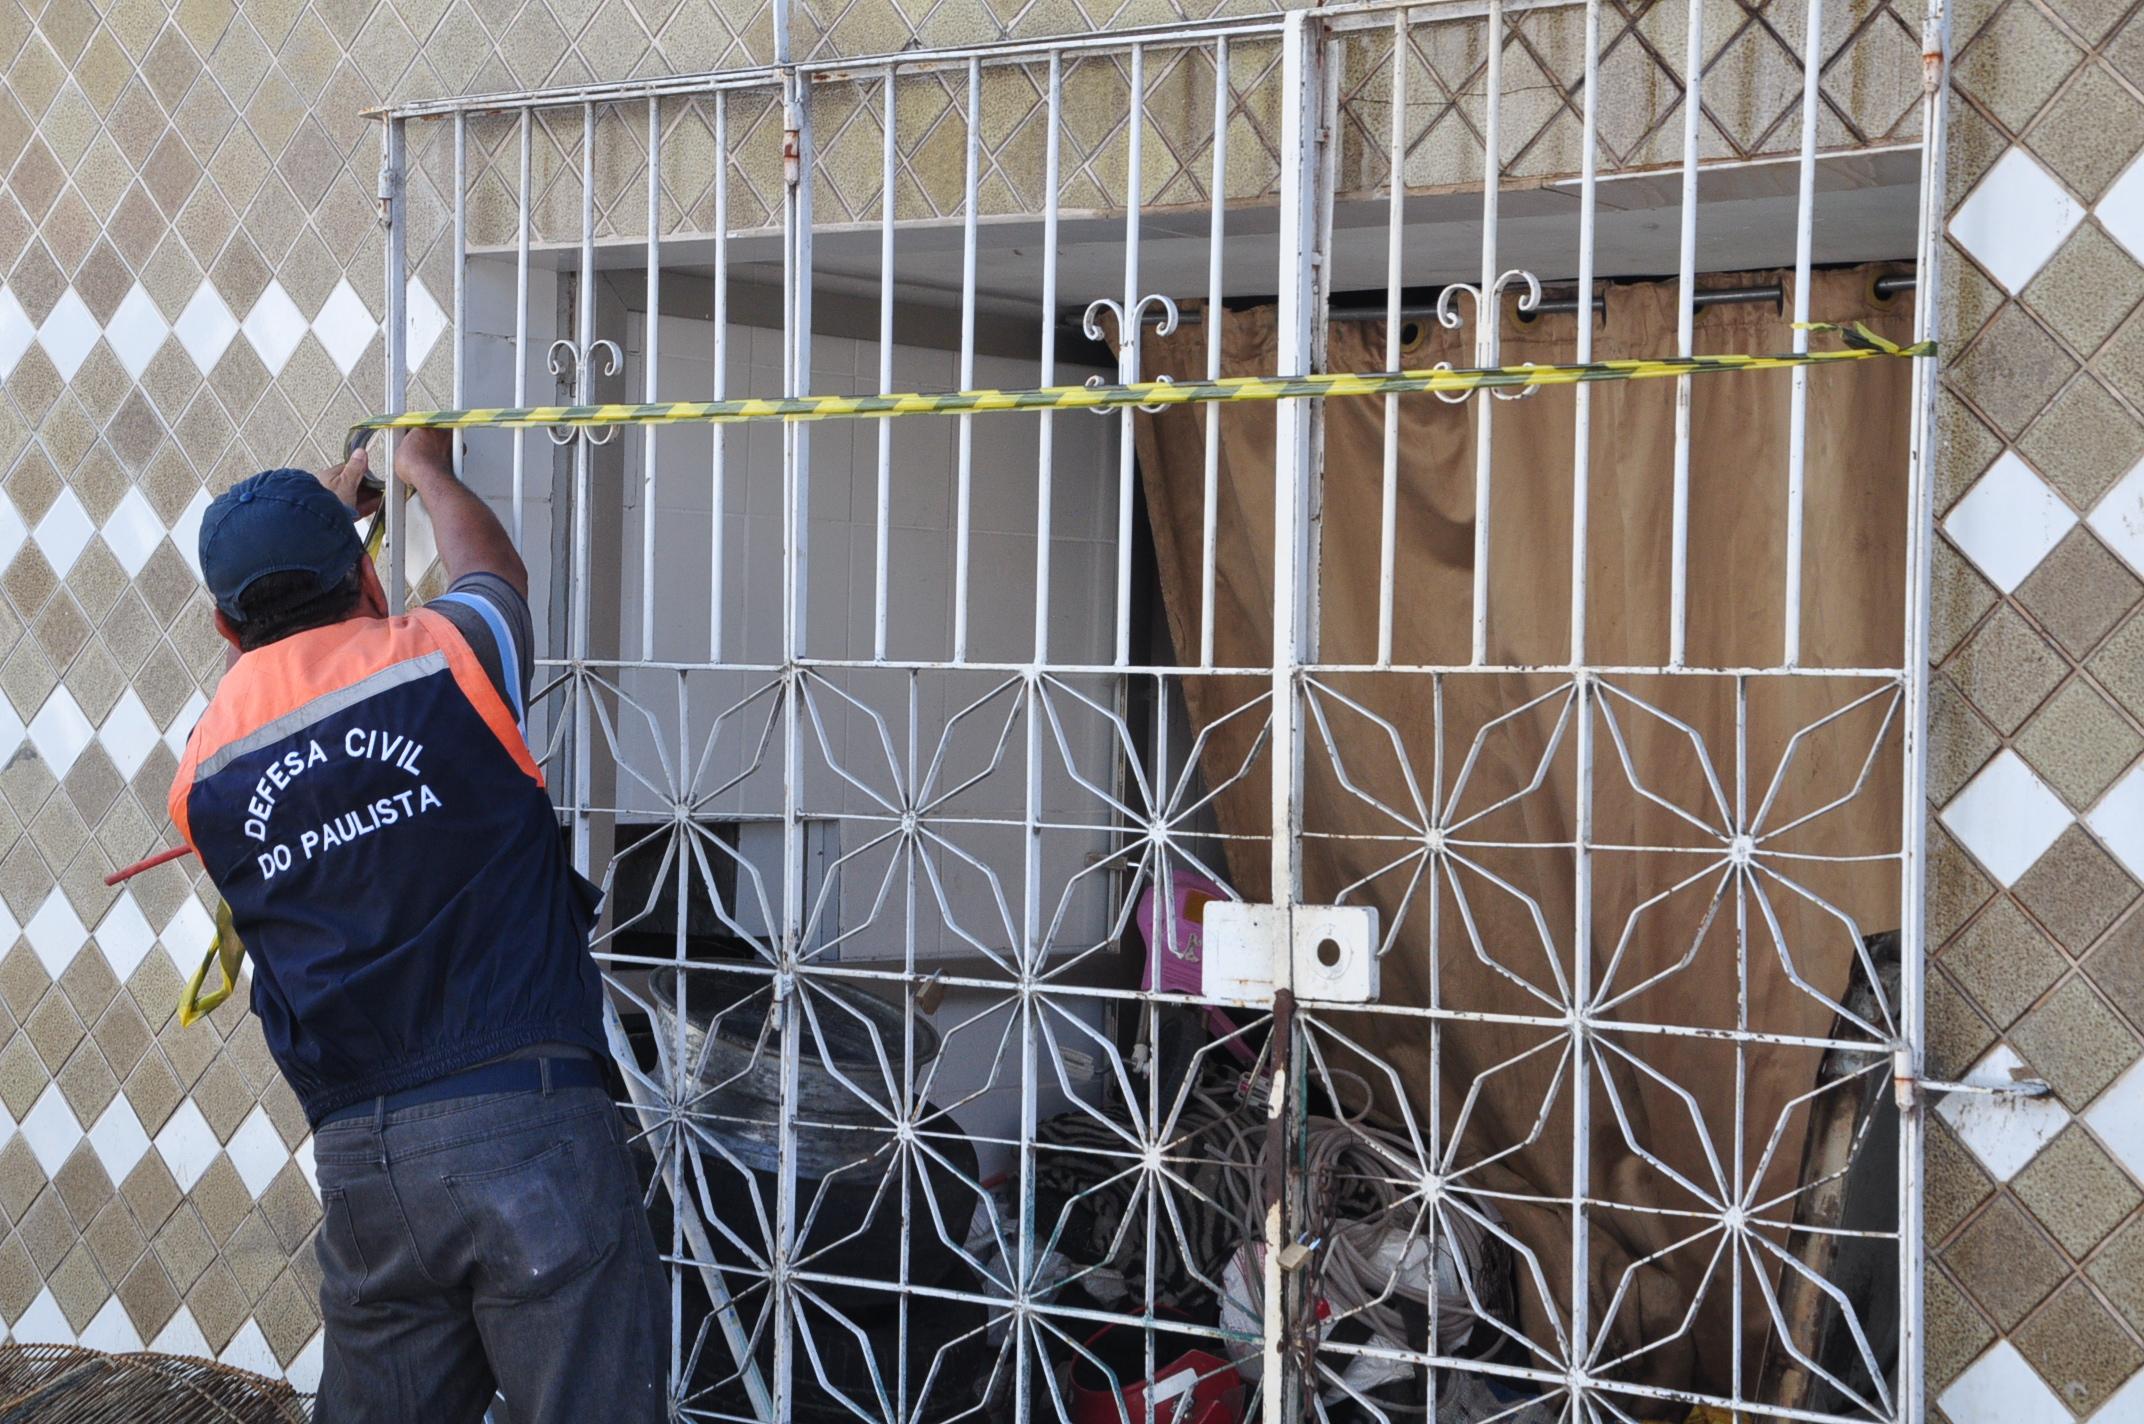 Técnicos da Defesa Civil de Paulista foram ao local e o imóvel foi isolado até que passe por vistoria. Credito: Divulgação/Prefeitura de Paulista